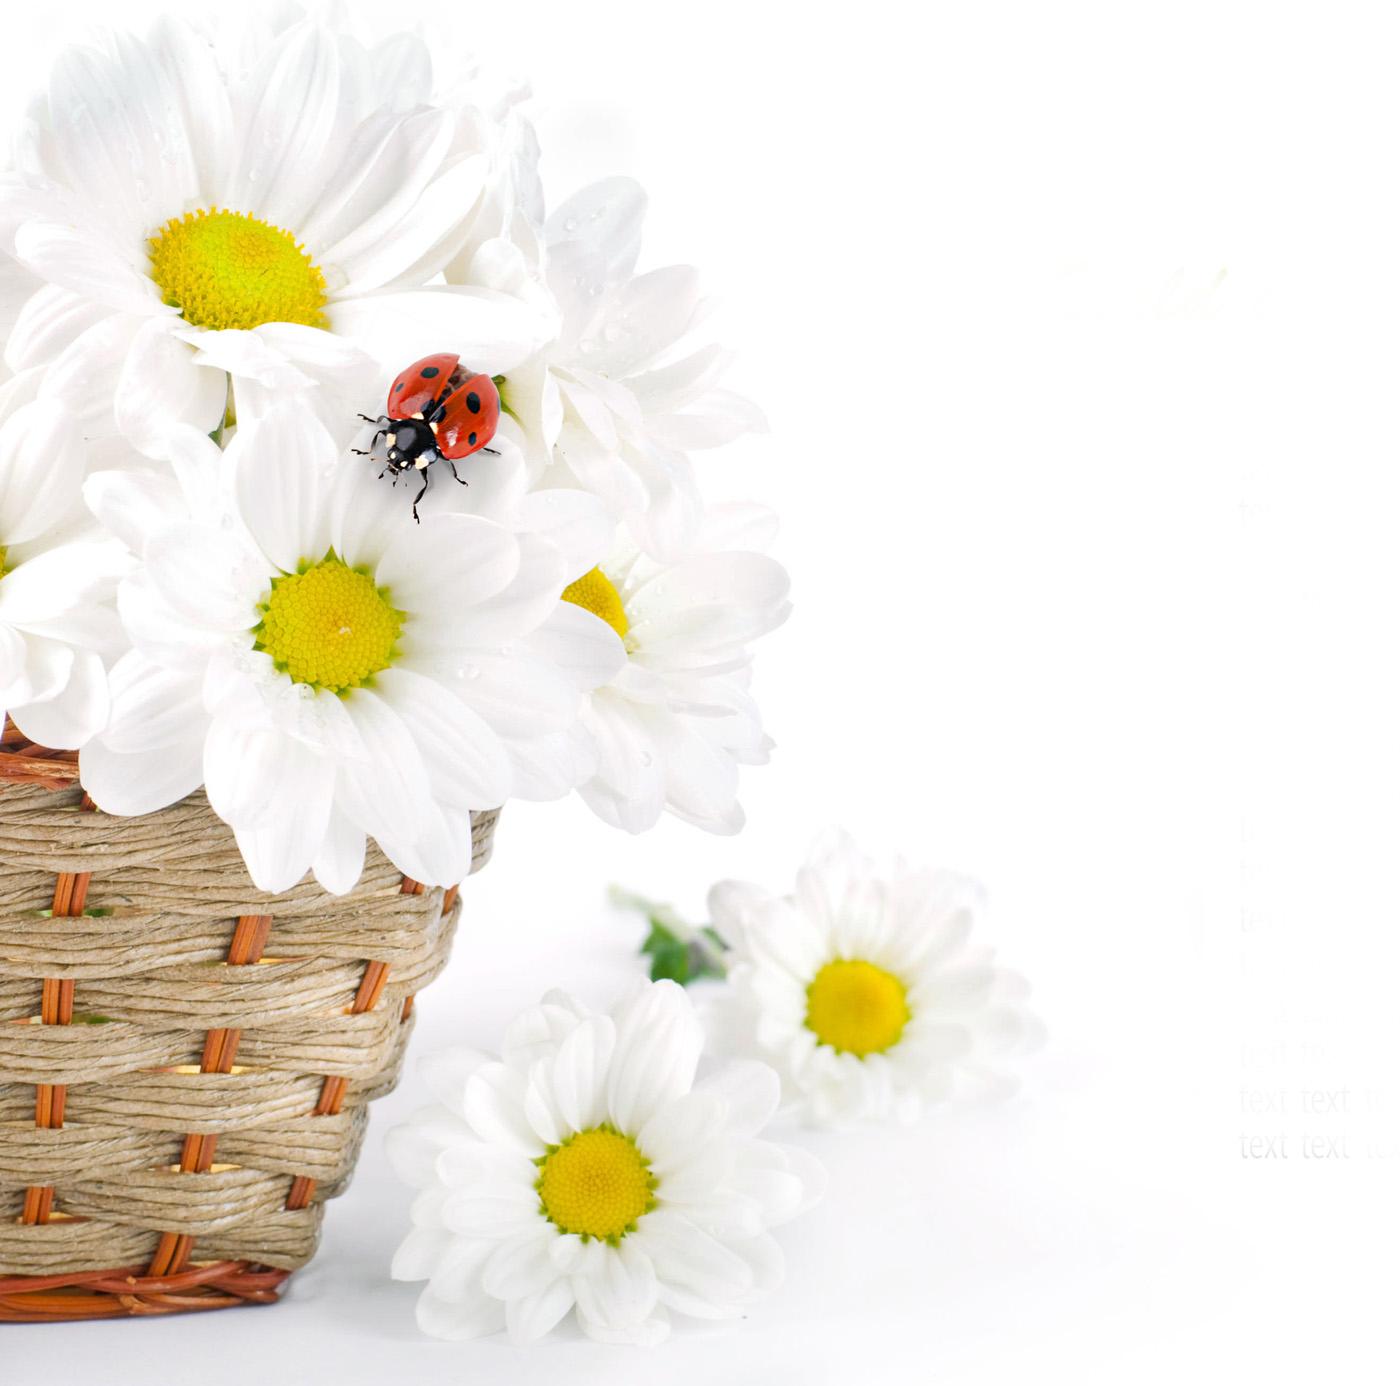 White daisy flower 49961 - Flower Wallpapers - Flowers